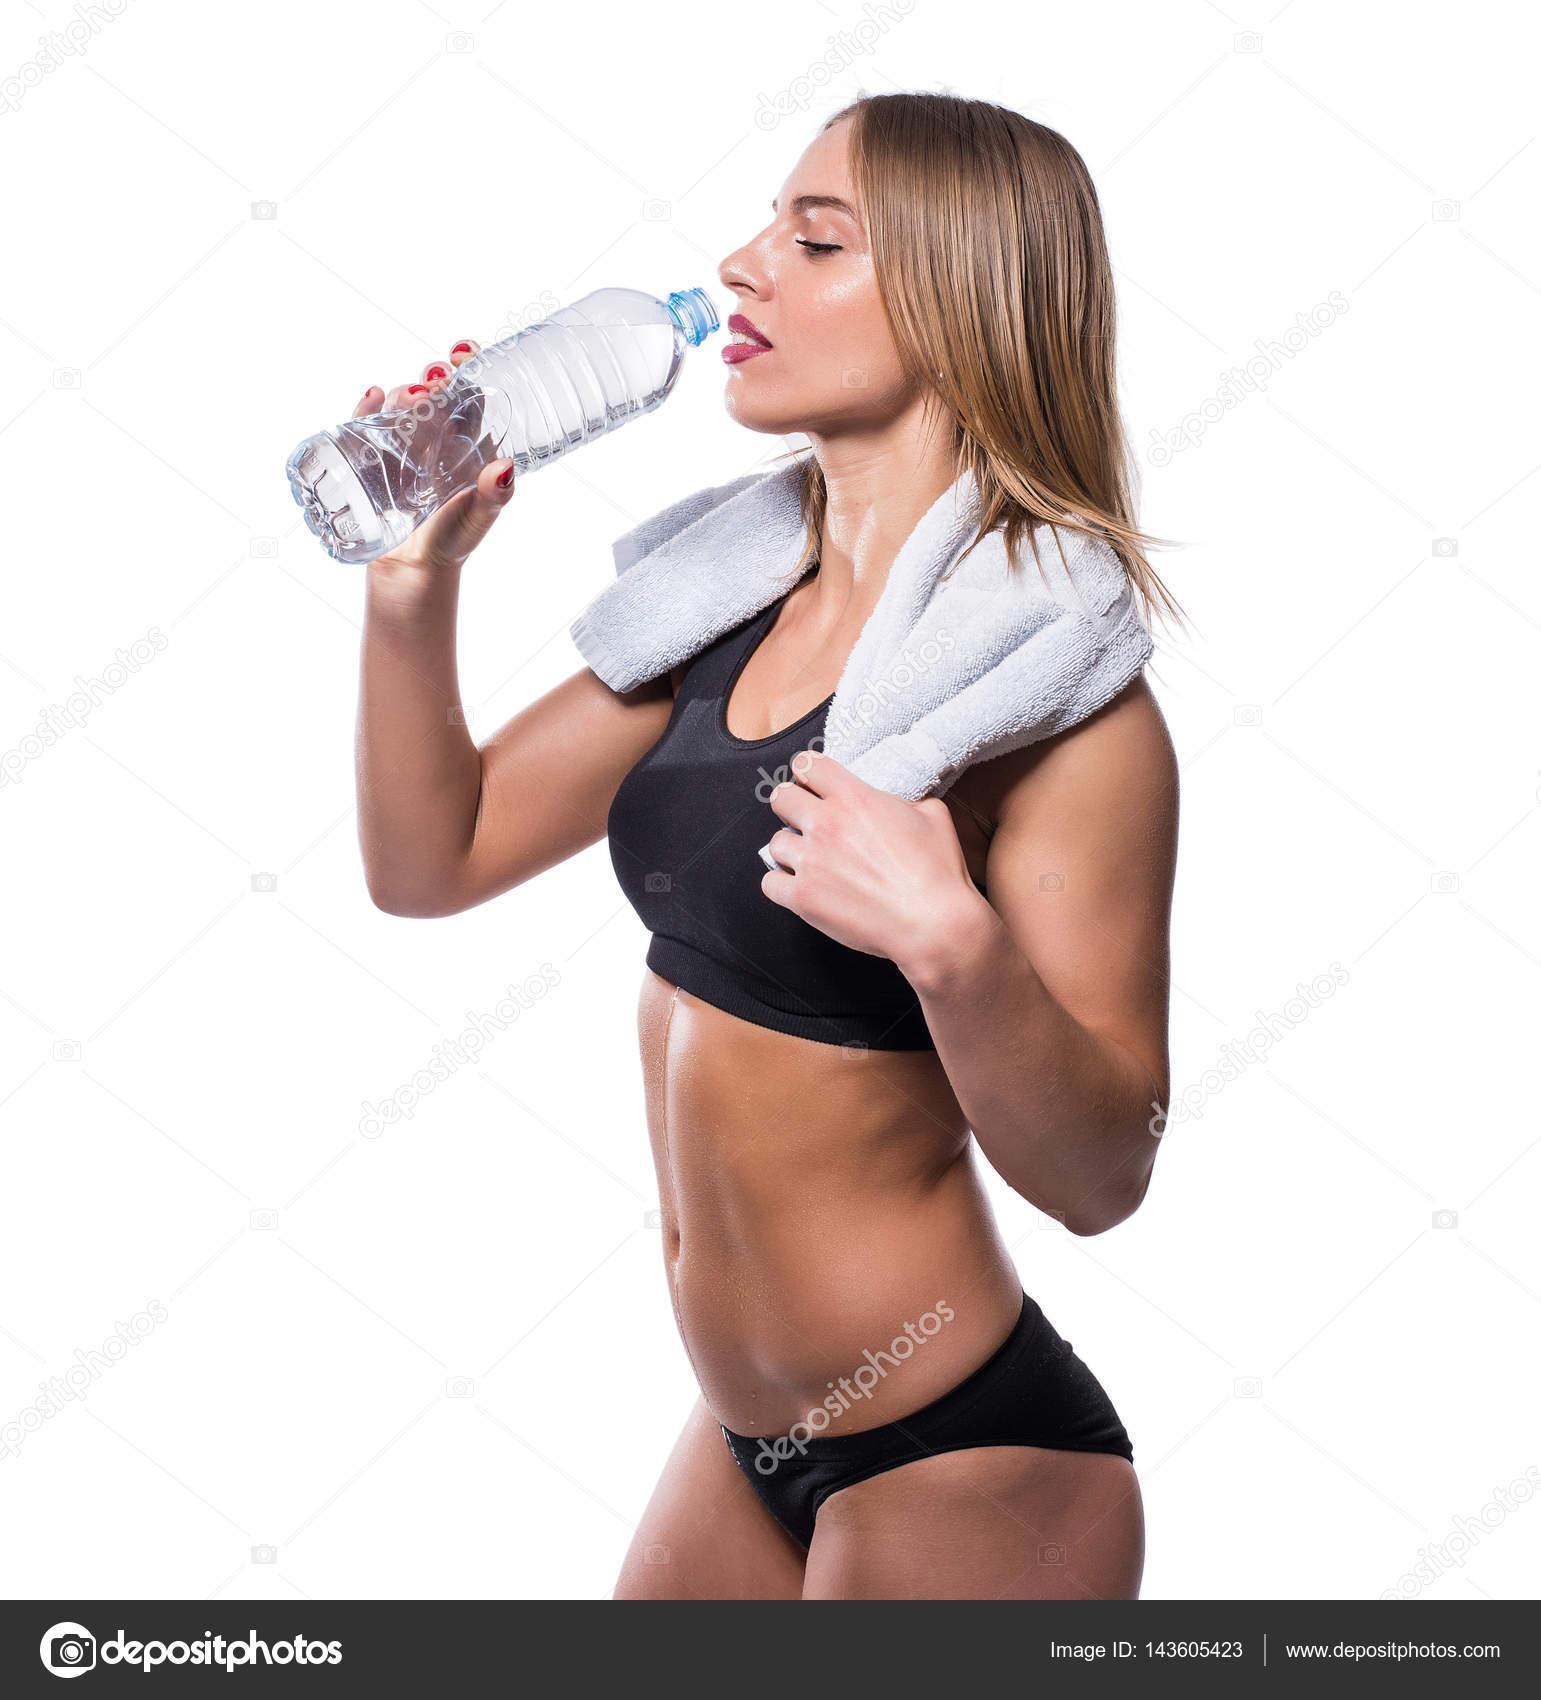 Фото голи здоровая девушка — 3